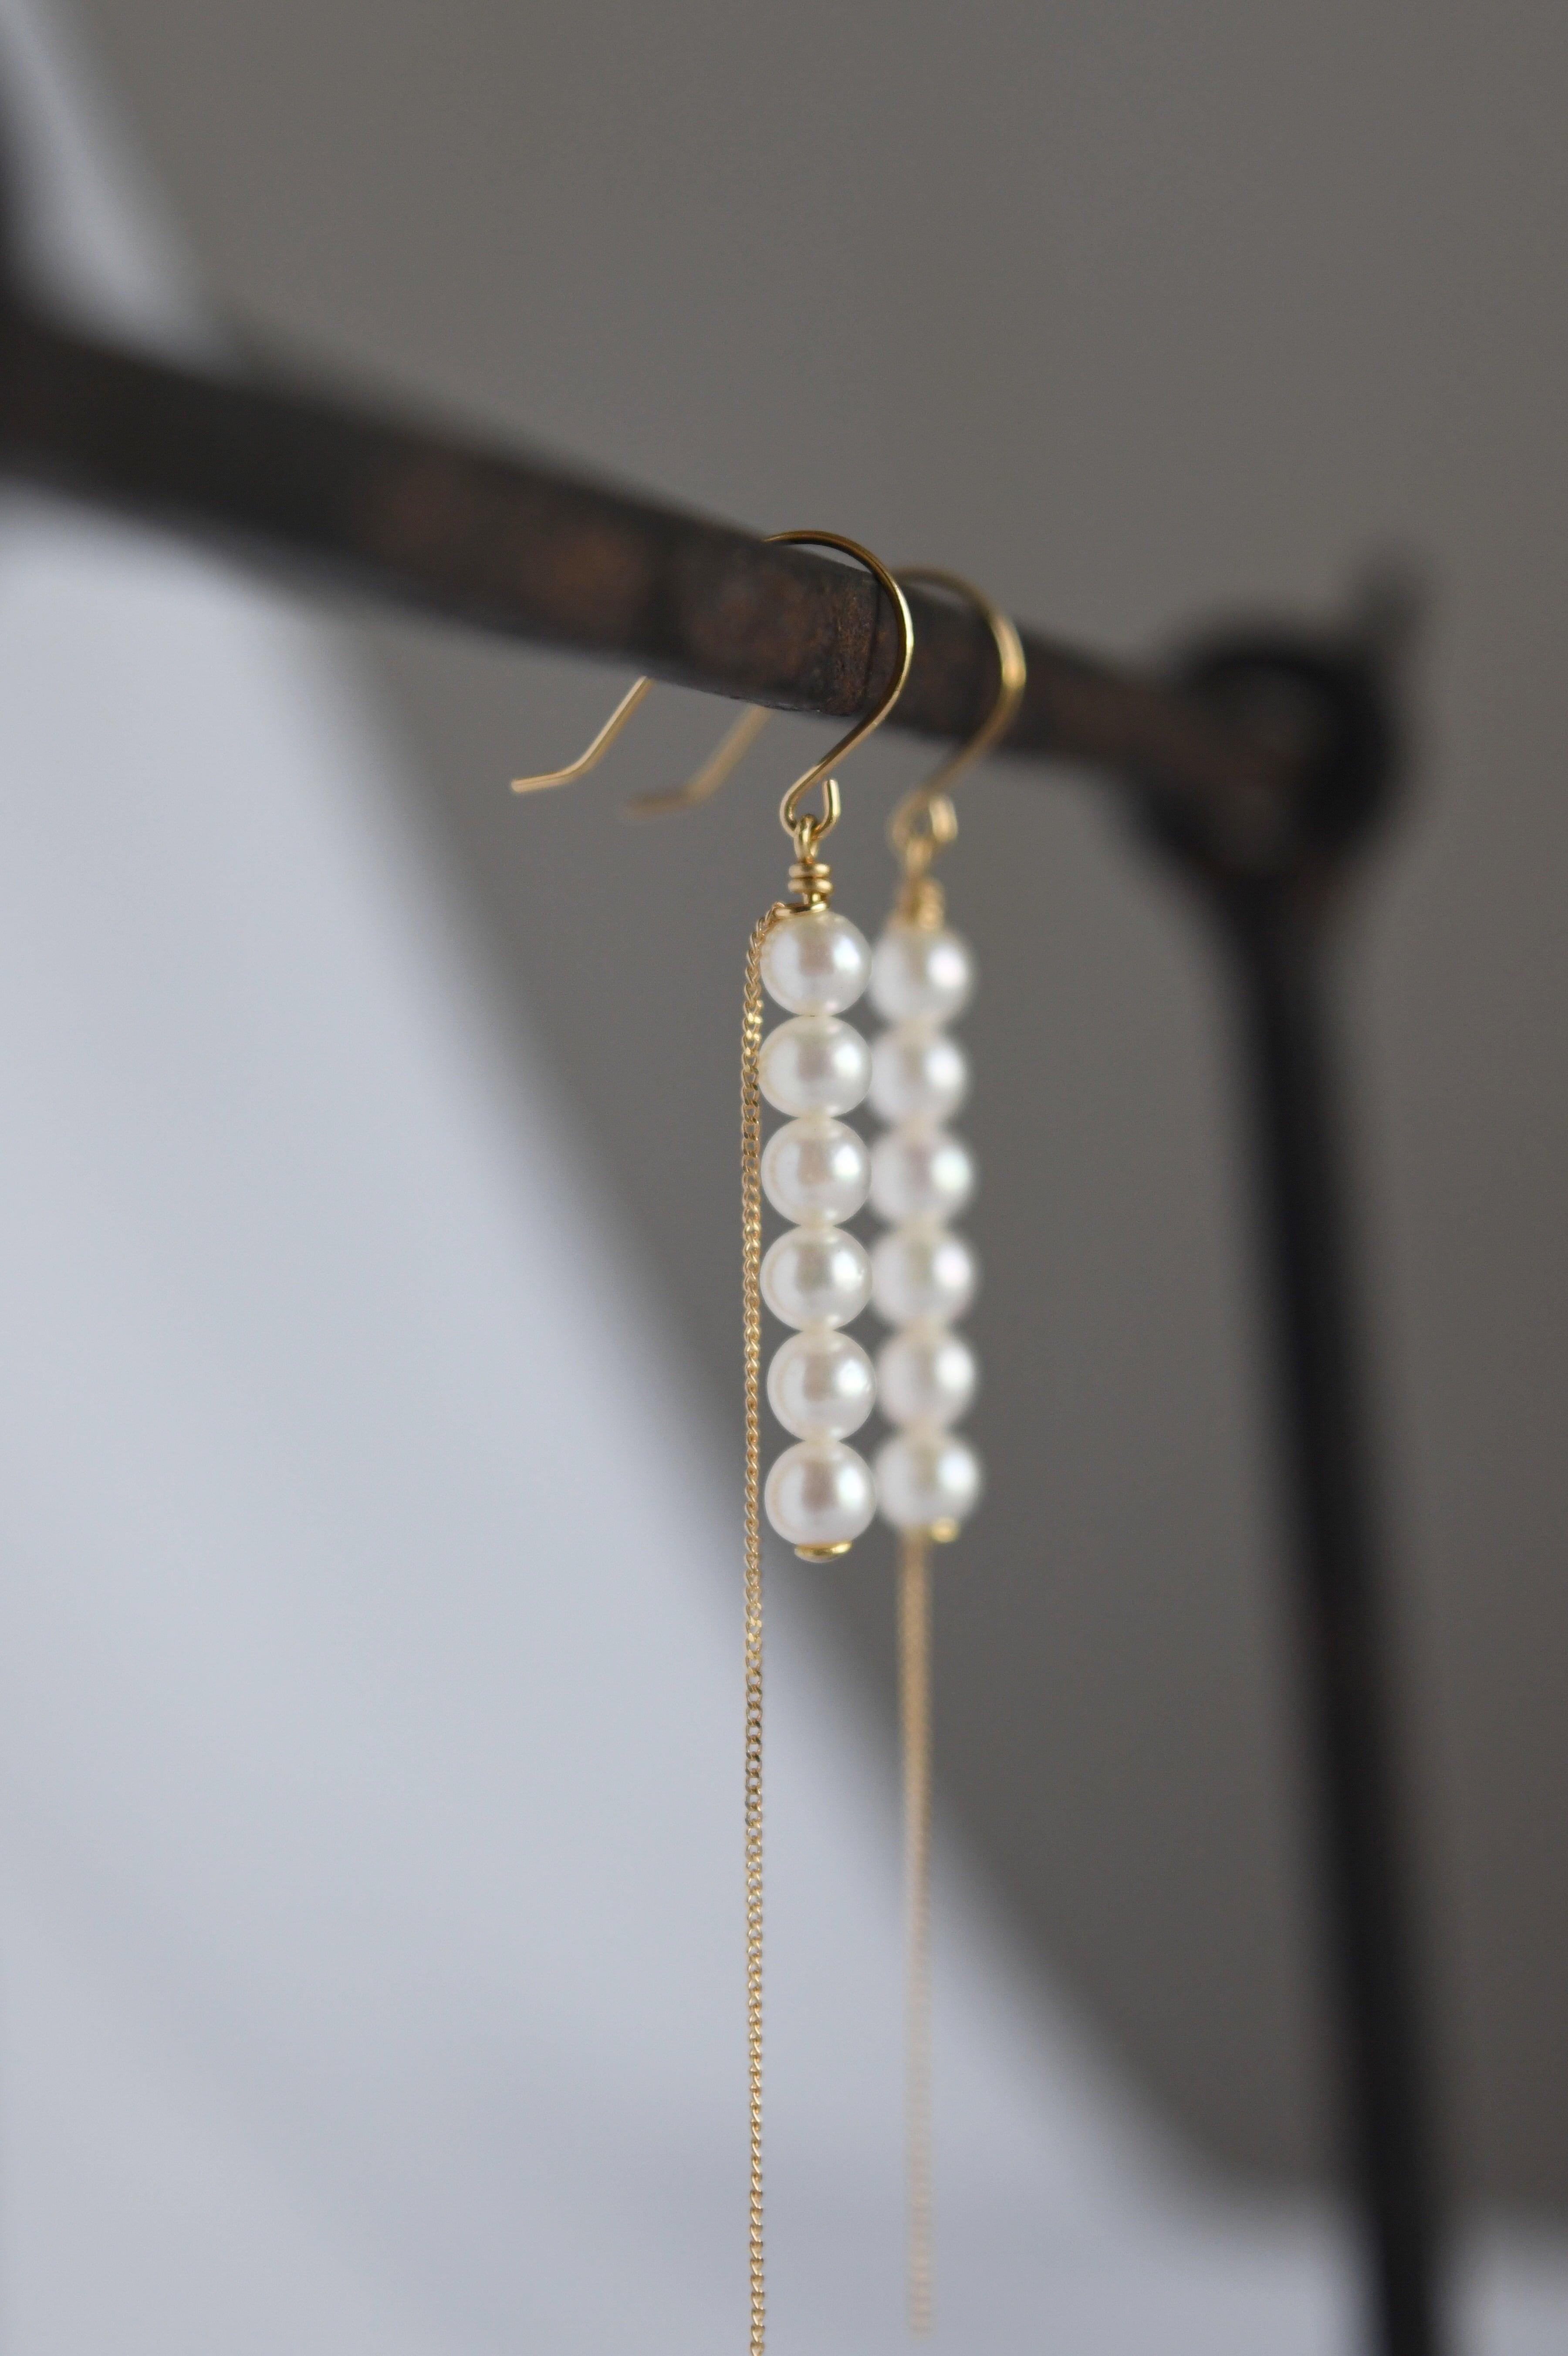 K18 Baby Akoya Pearl Earrings 18金ベビーアコヤ真珠ピアス/イヤリング